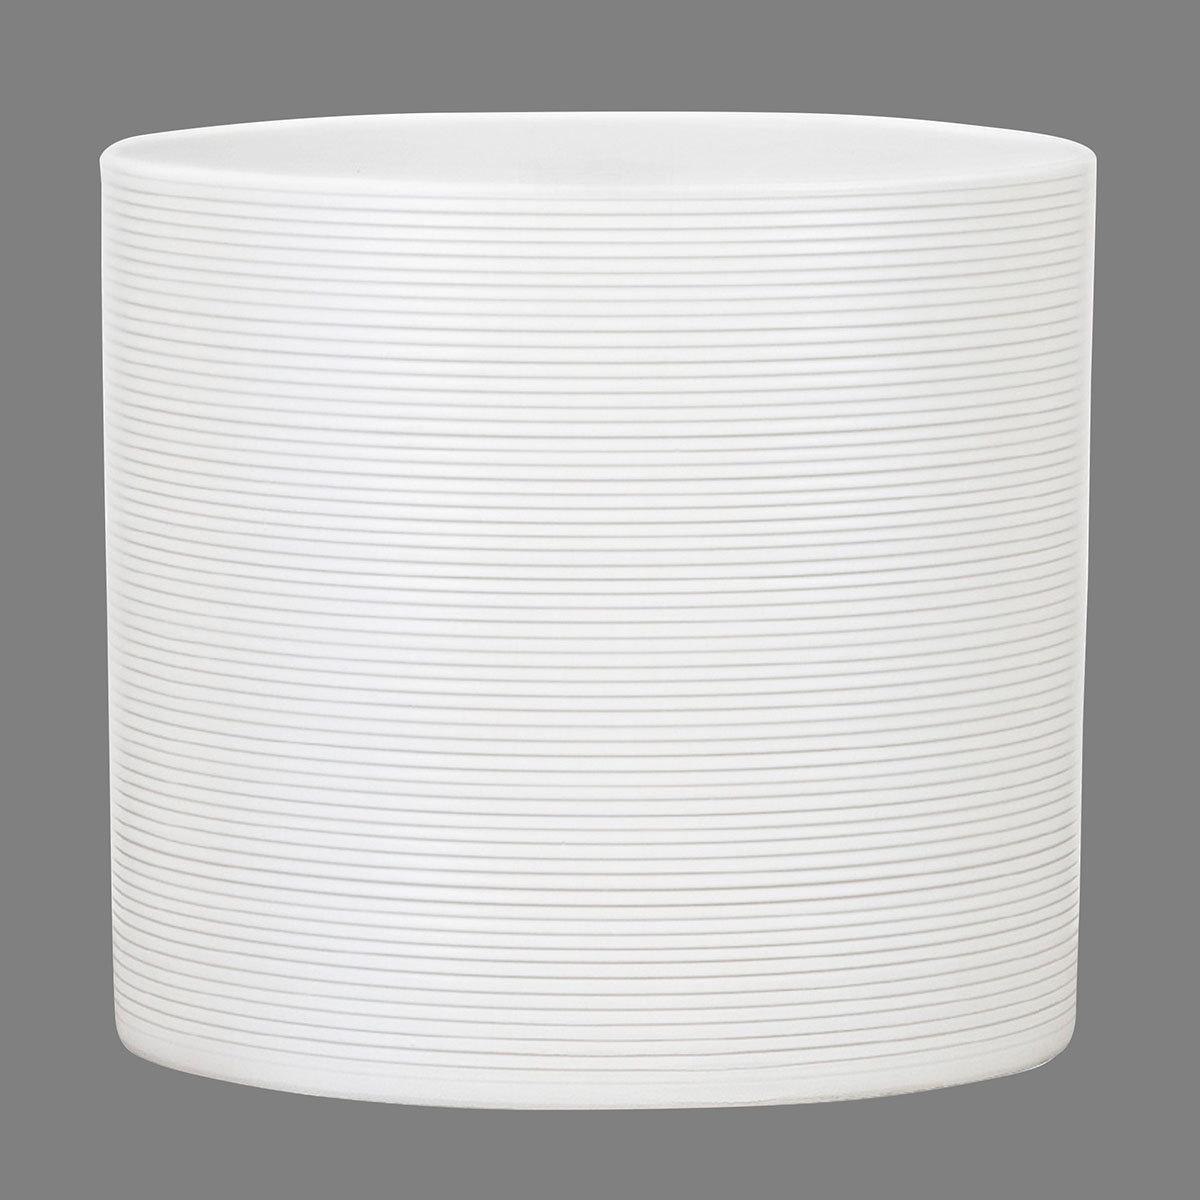 Keramik-Übertopf, rund, 17,1x19x19 cm, Panna